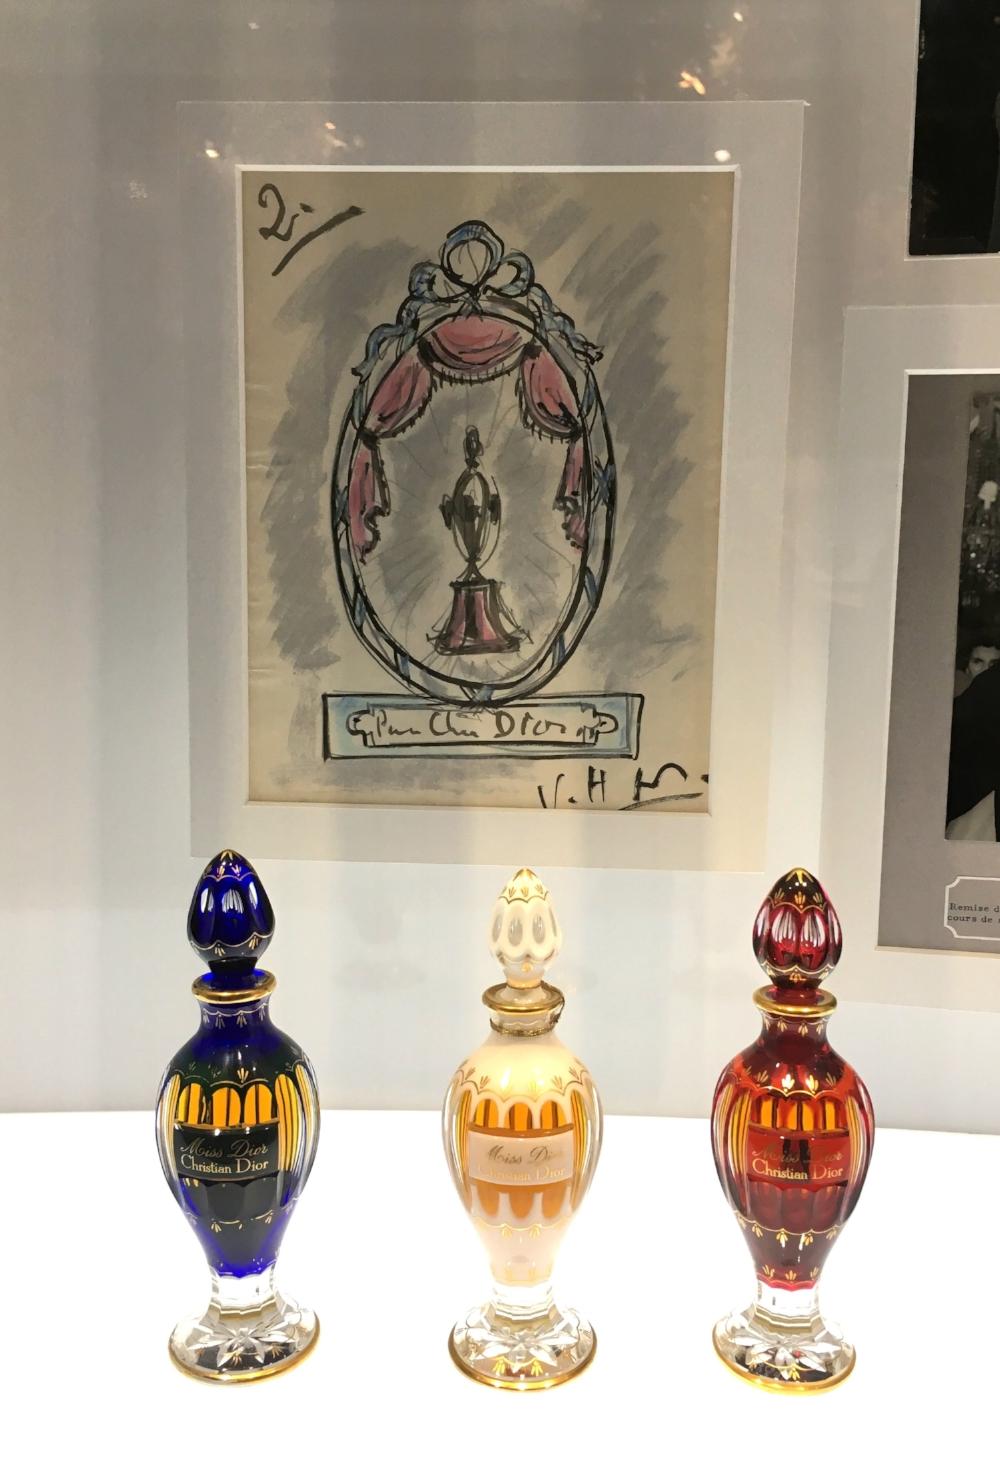 Dior - exhibition aux Musée des Arts Décoratifs, ParisDior - exhibition aux Musée des Arts Décoratifs, Paris